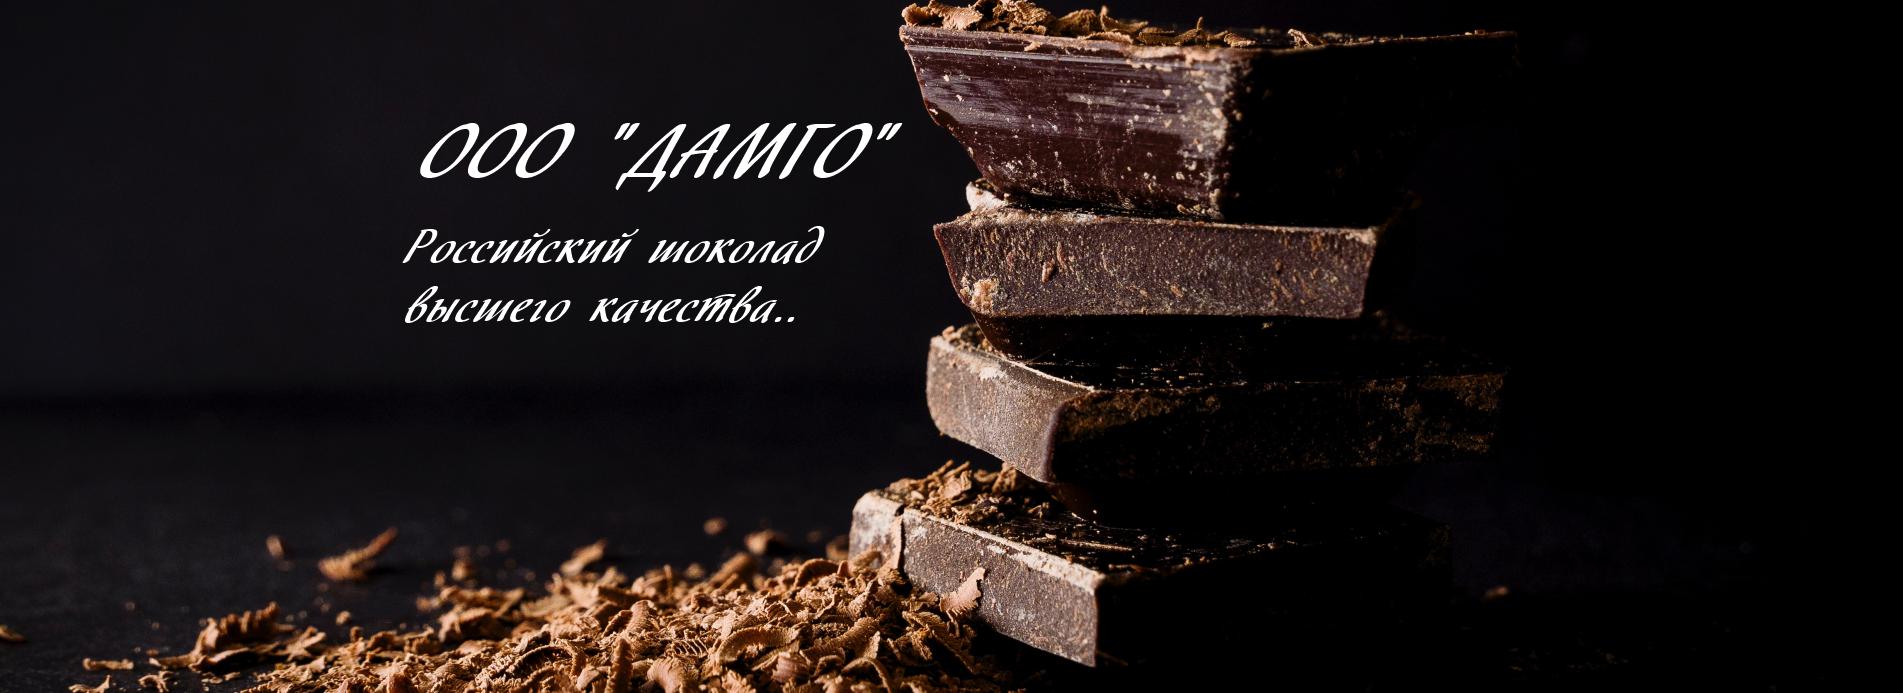 Дамго: российский шоколад высшего качества